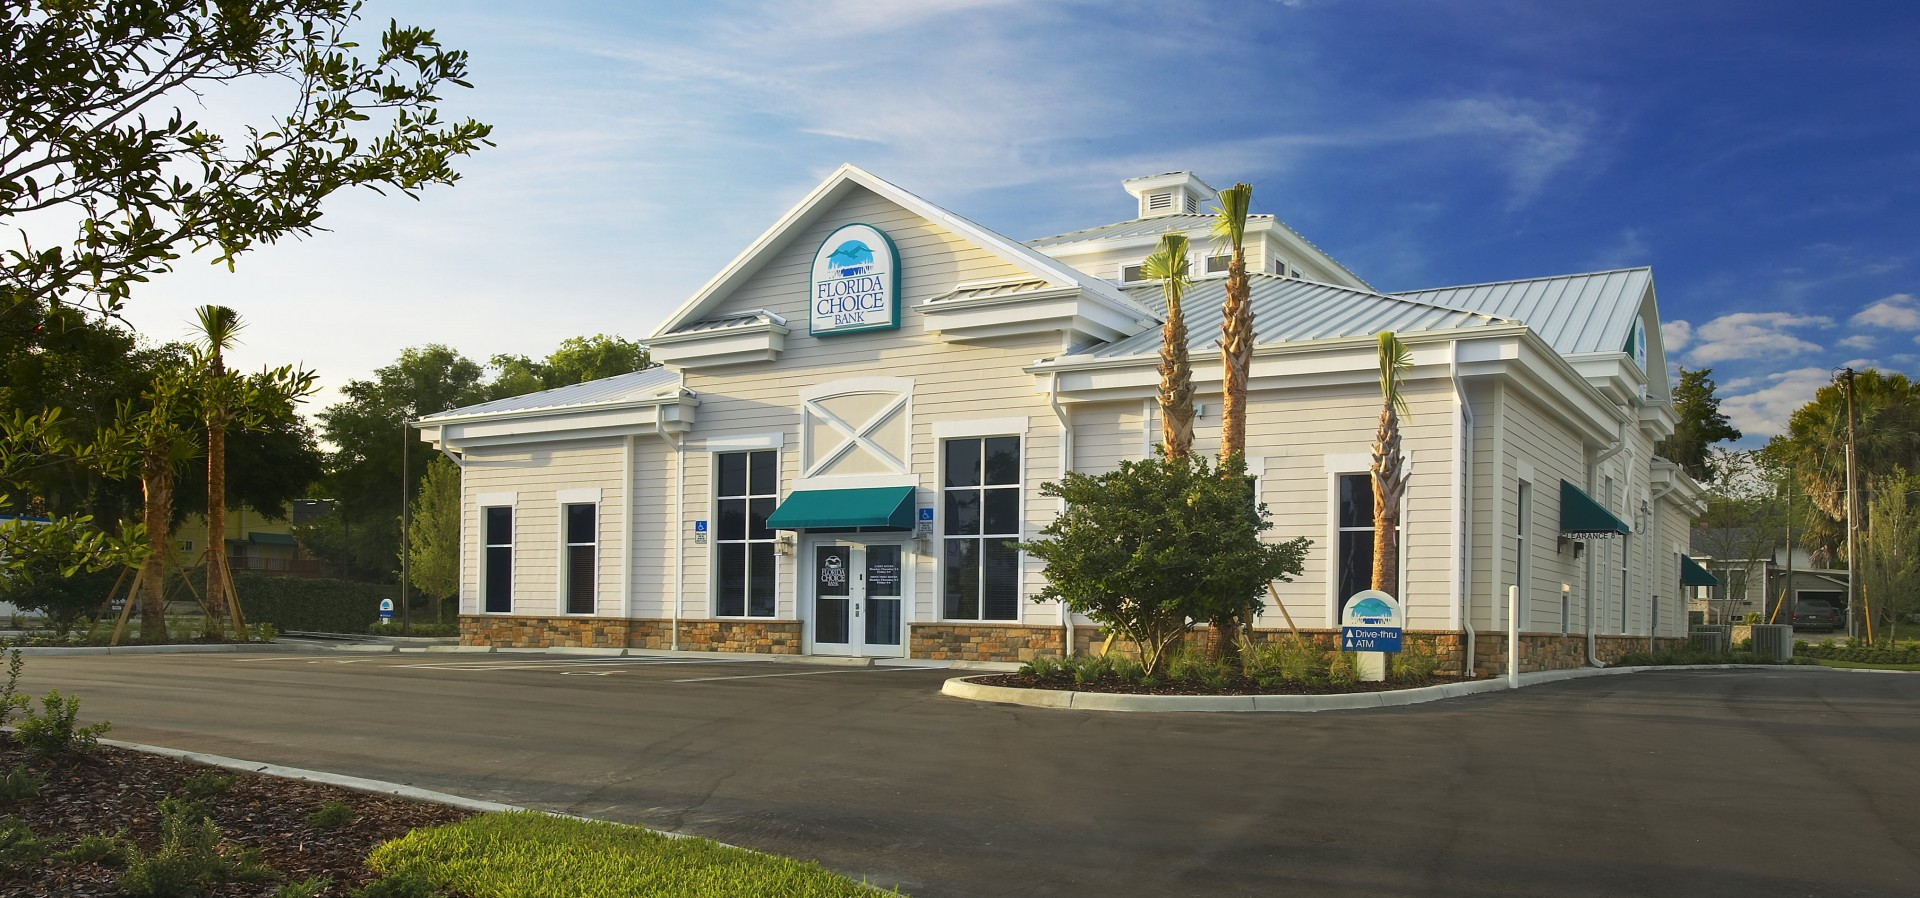 RBC FLORIDA CHOICE BANK (6)